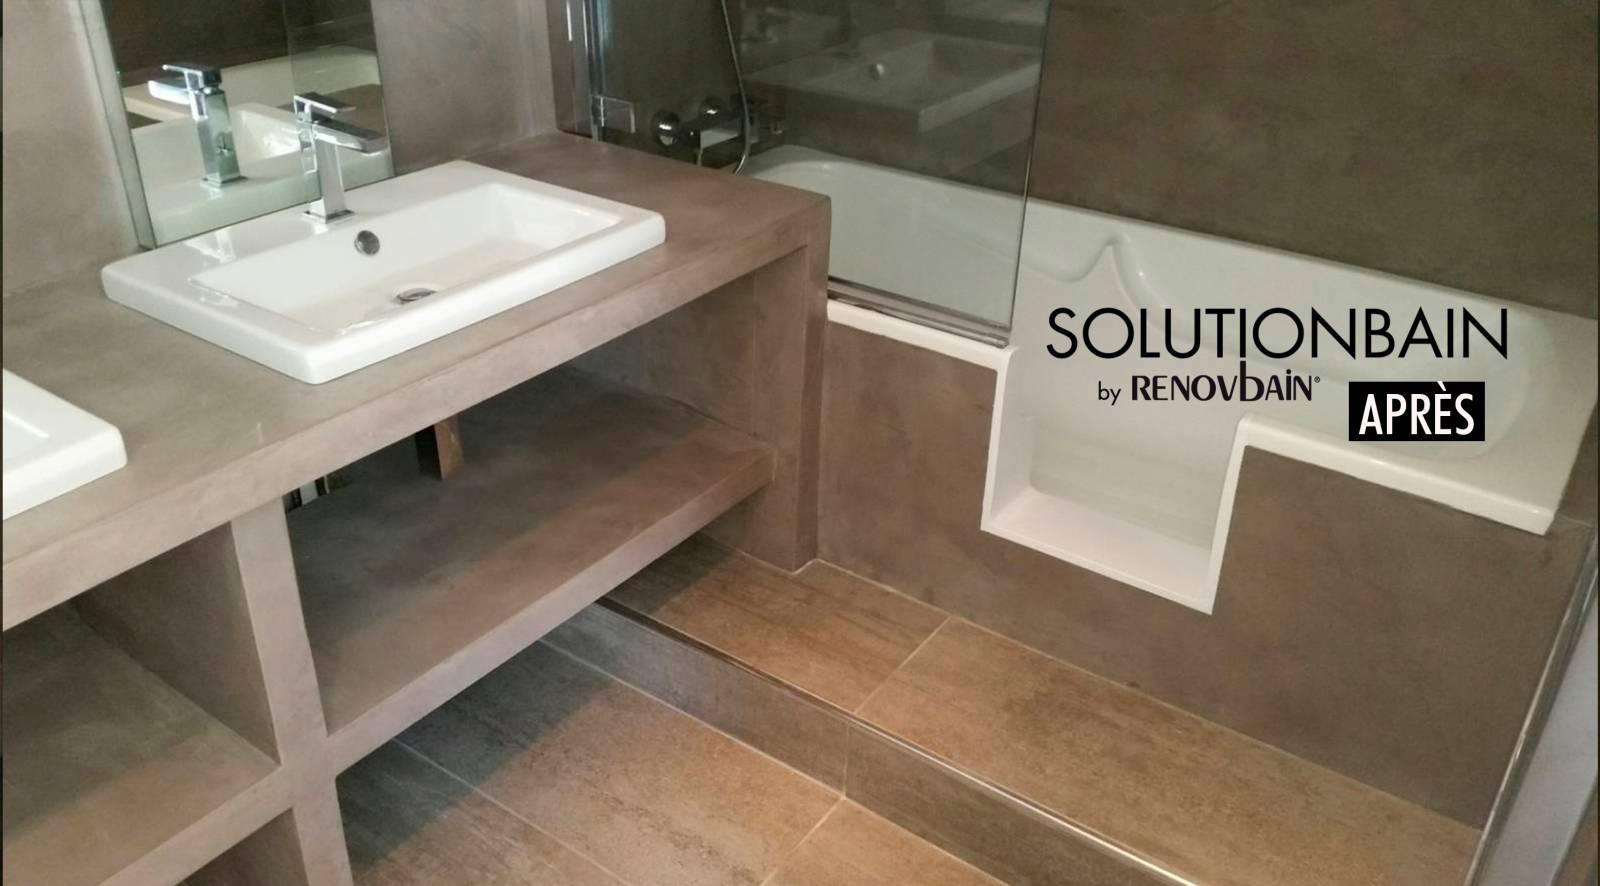 Ouverture De Baignoire Pour Personne Agee Et A Mobilite Reduite Renovation Et Decoupe De Baignoire Sur Toulon Solution Bain